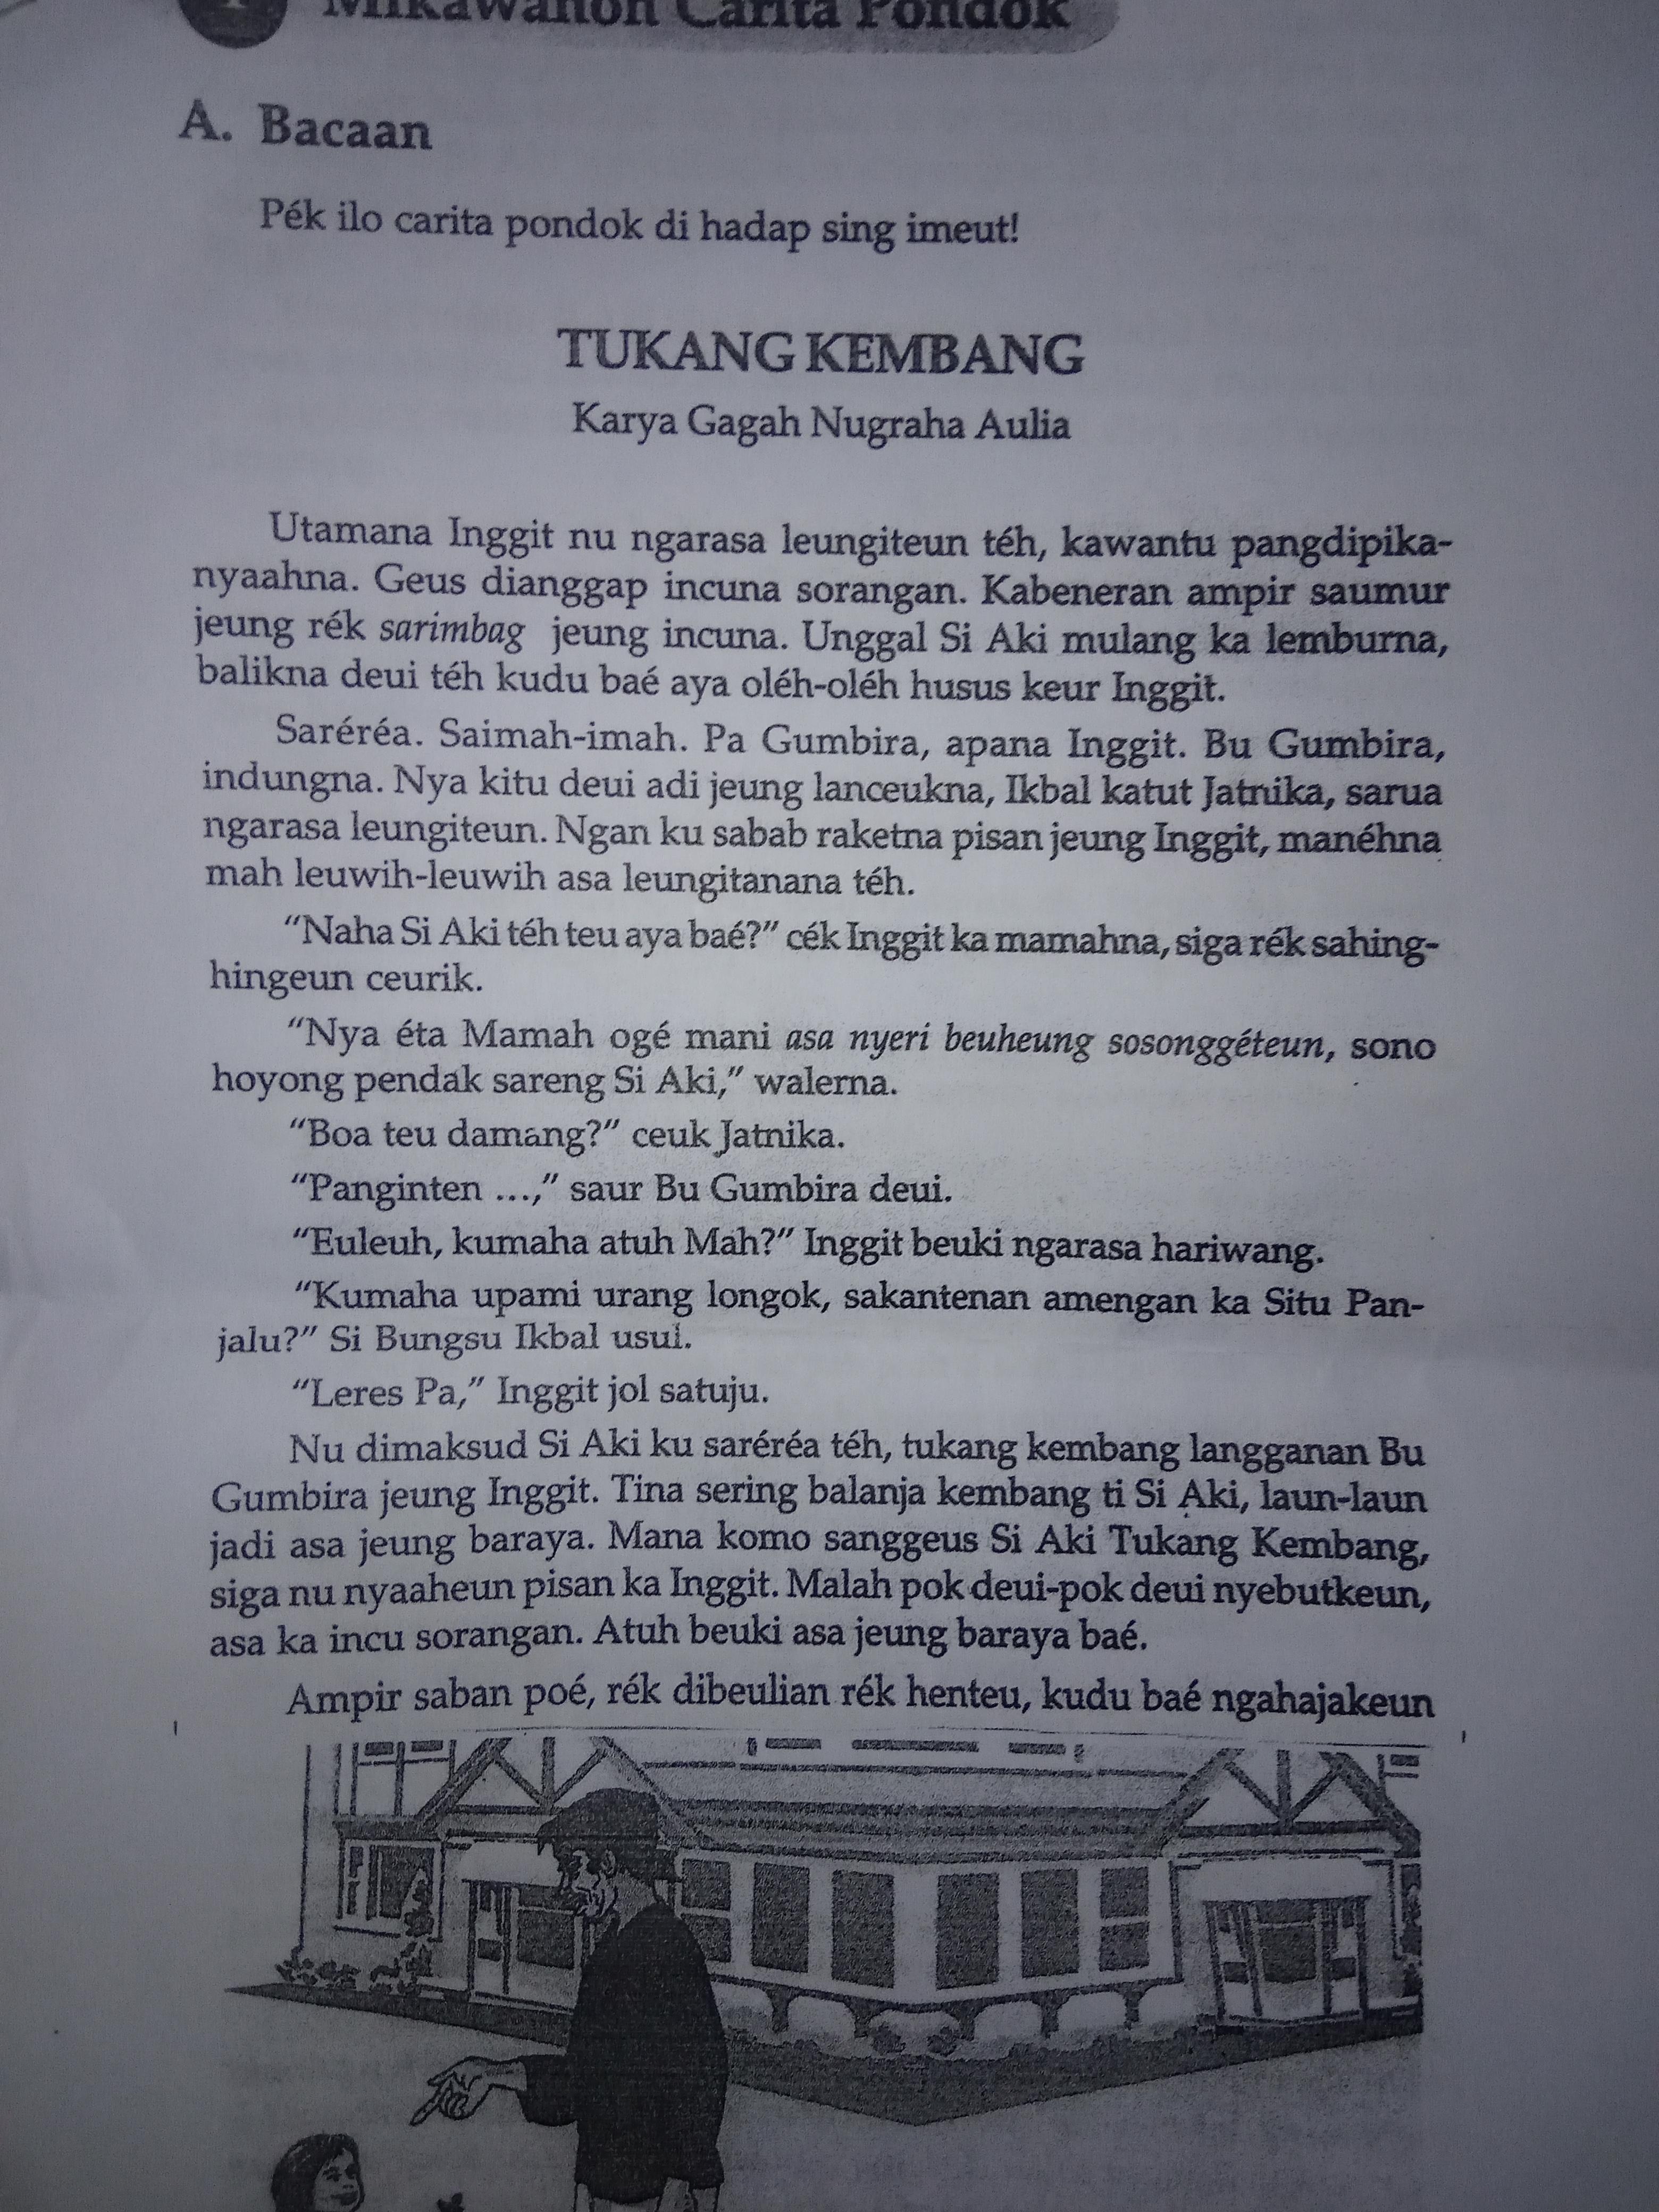 Carita Pondok Bahasa Sunda : carita, pondok, bahasa, sunda, Nganalisis, Carita, Pondok, Tukang, Kembang, Tulis, Sunda, Sareng, Upload, Brainly.co.id